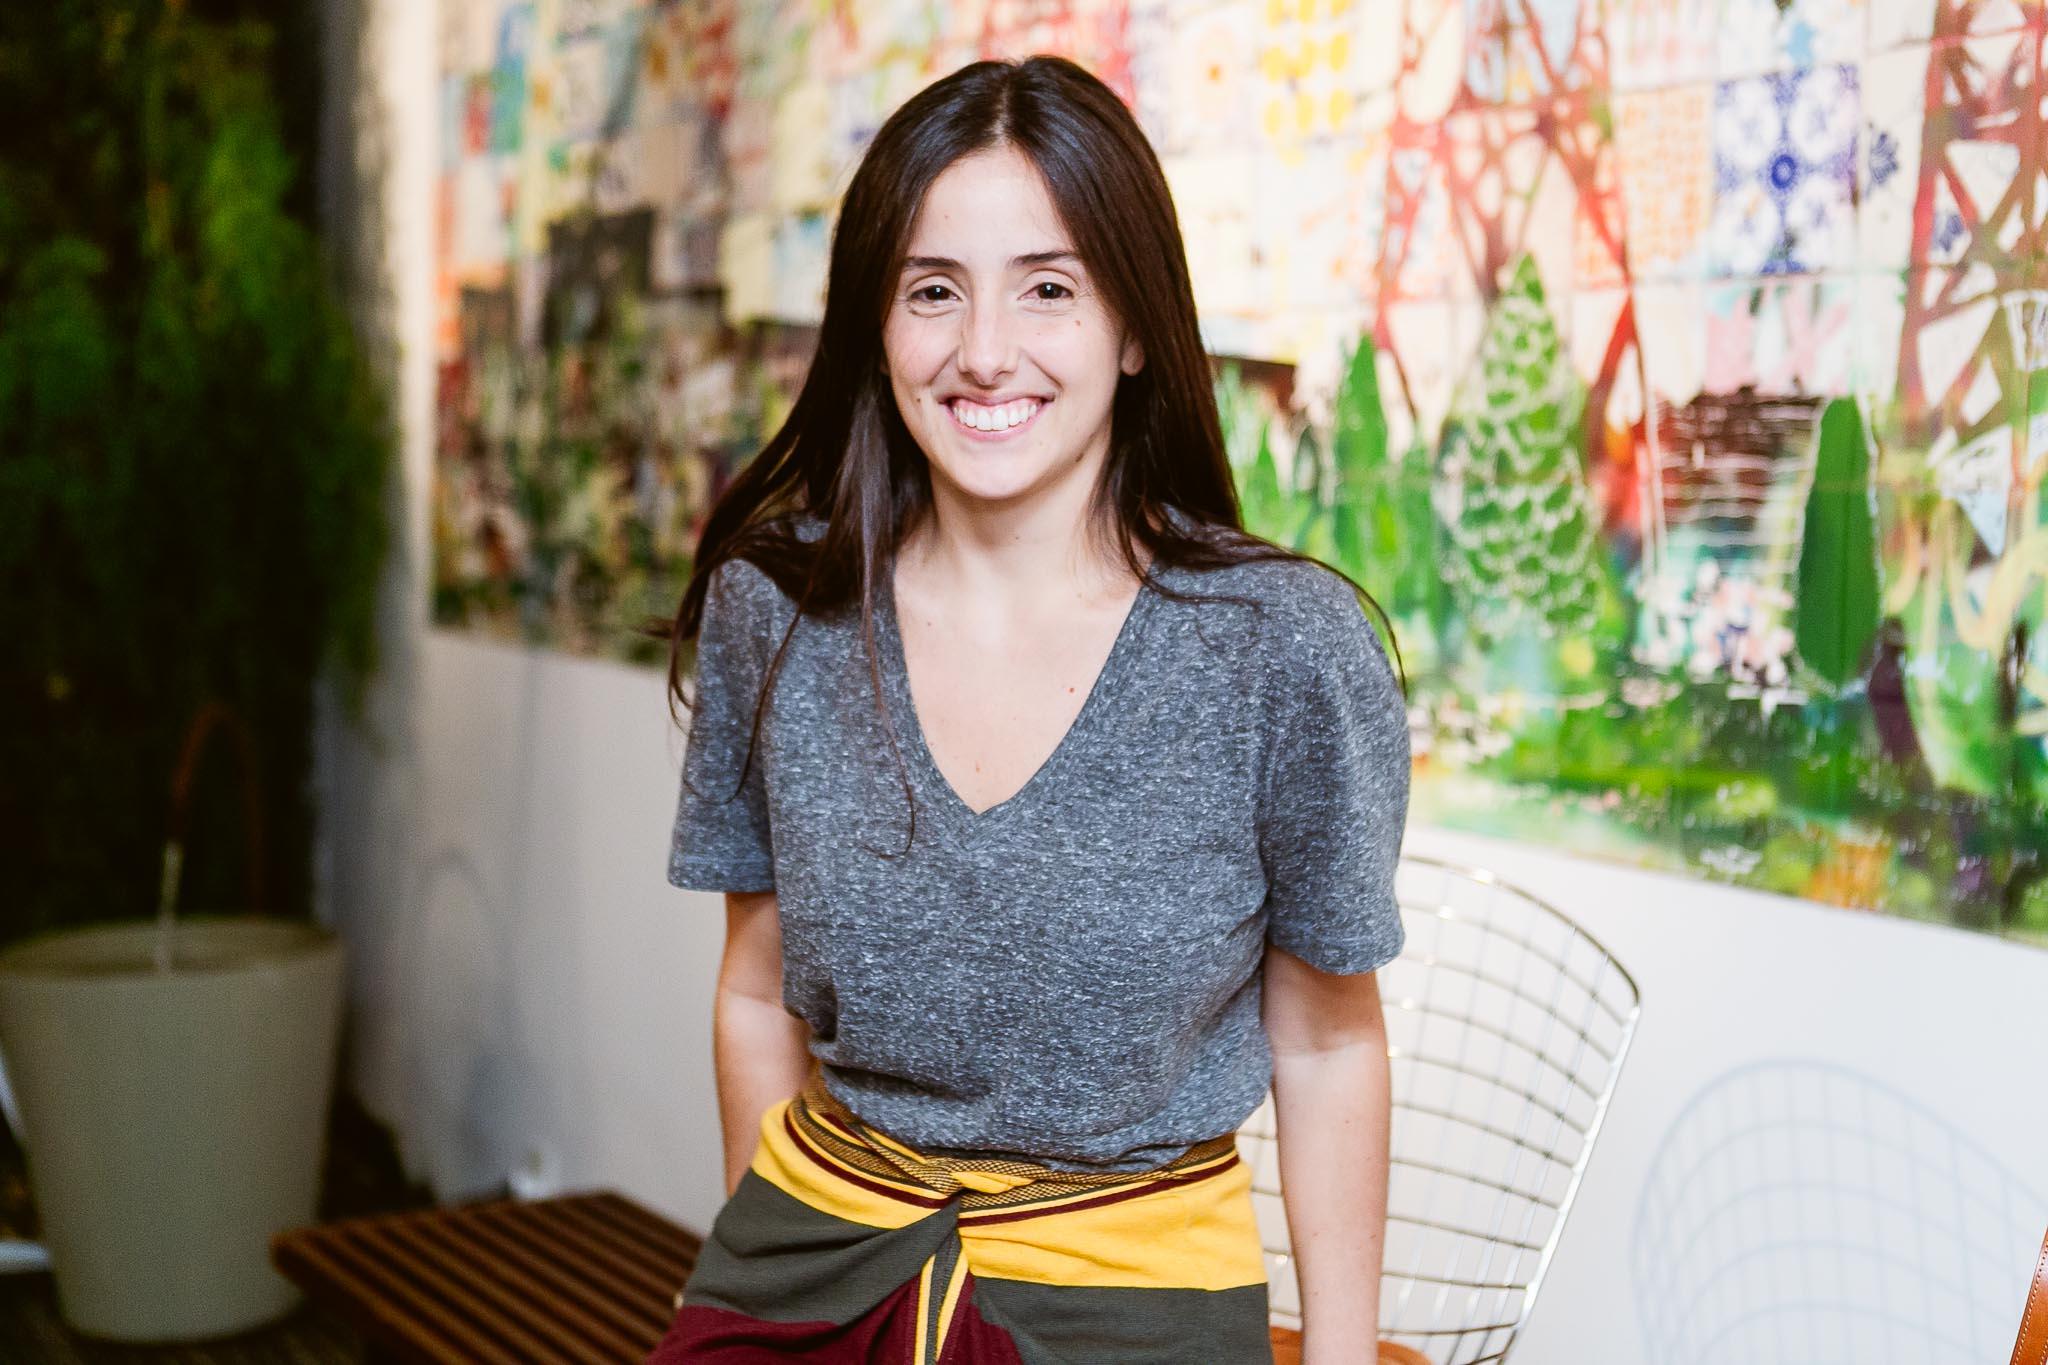 Maria Antonia Ferraz